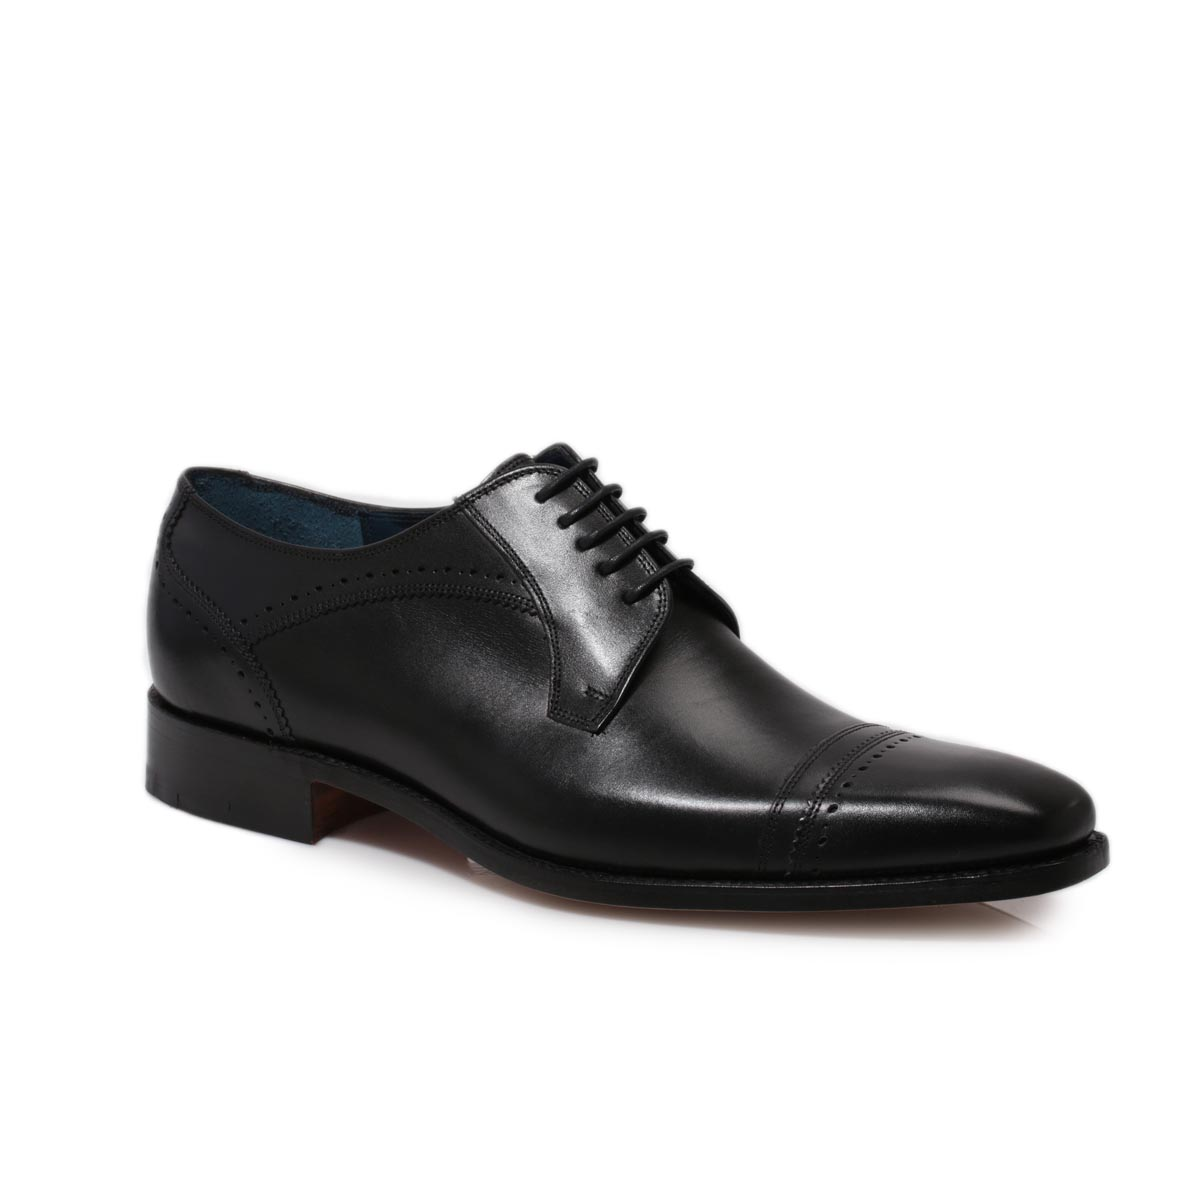 Shoes Plu Size